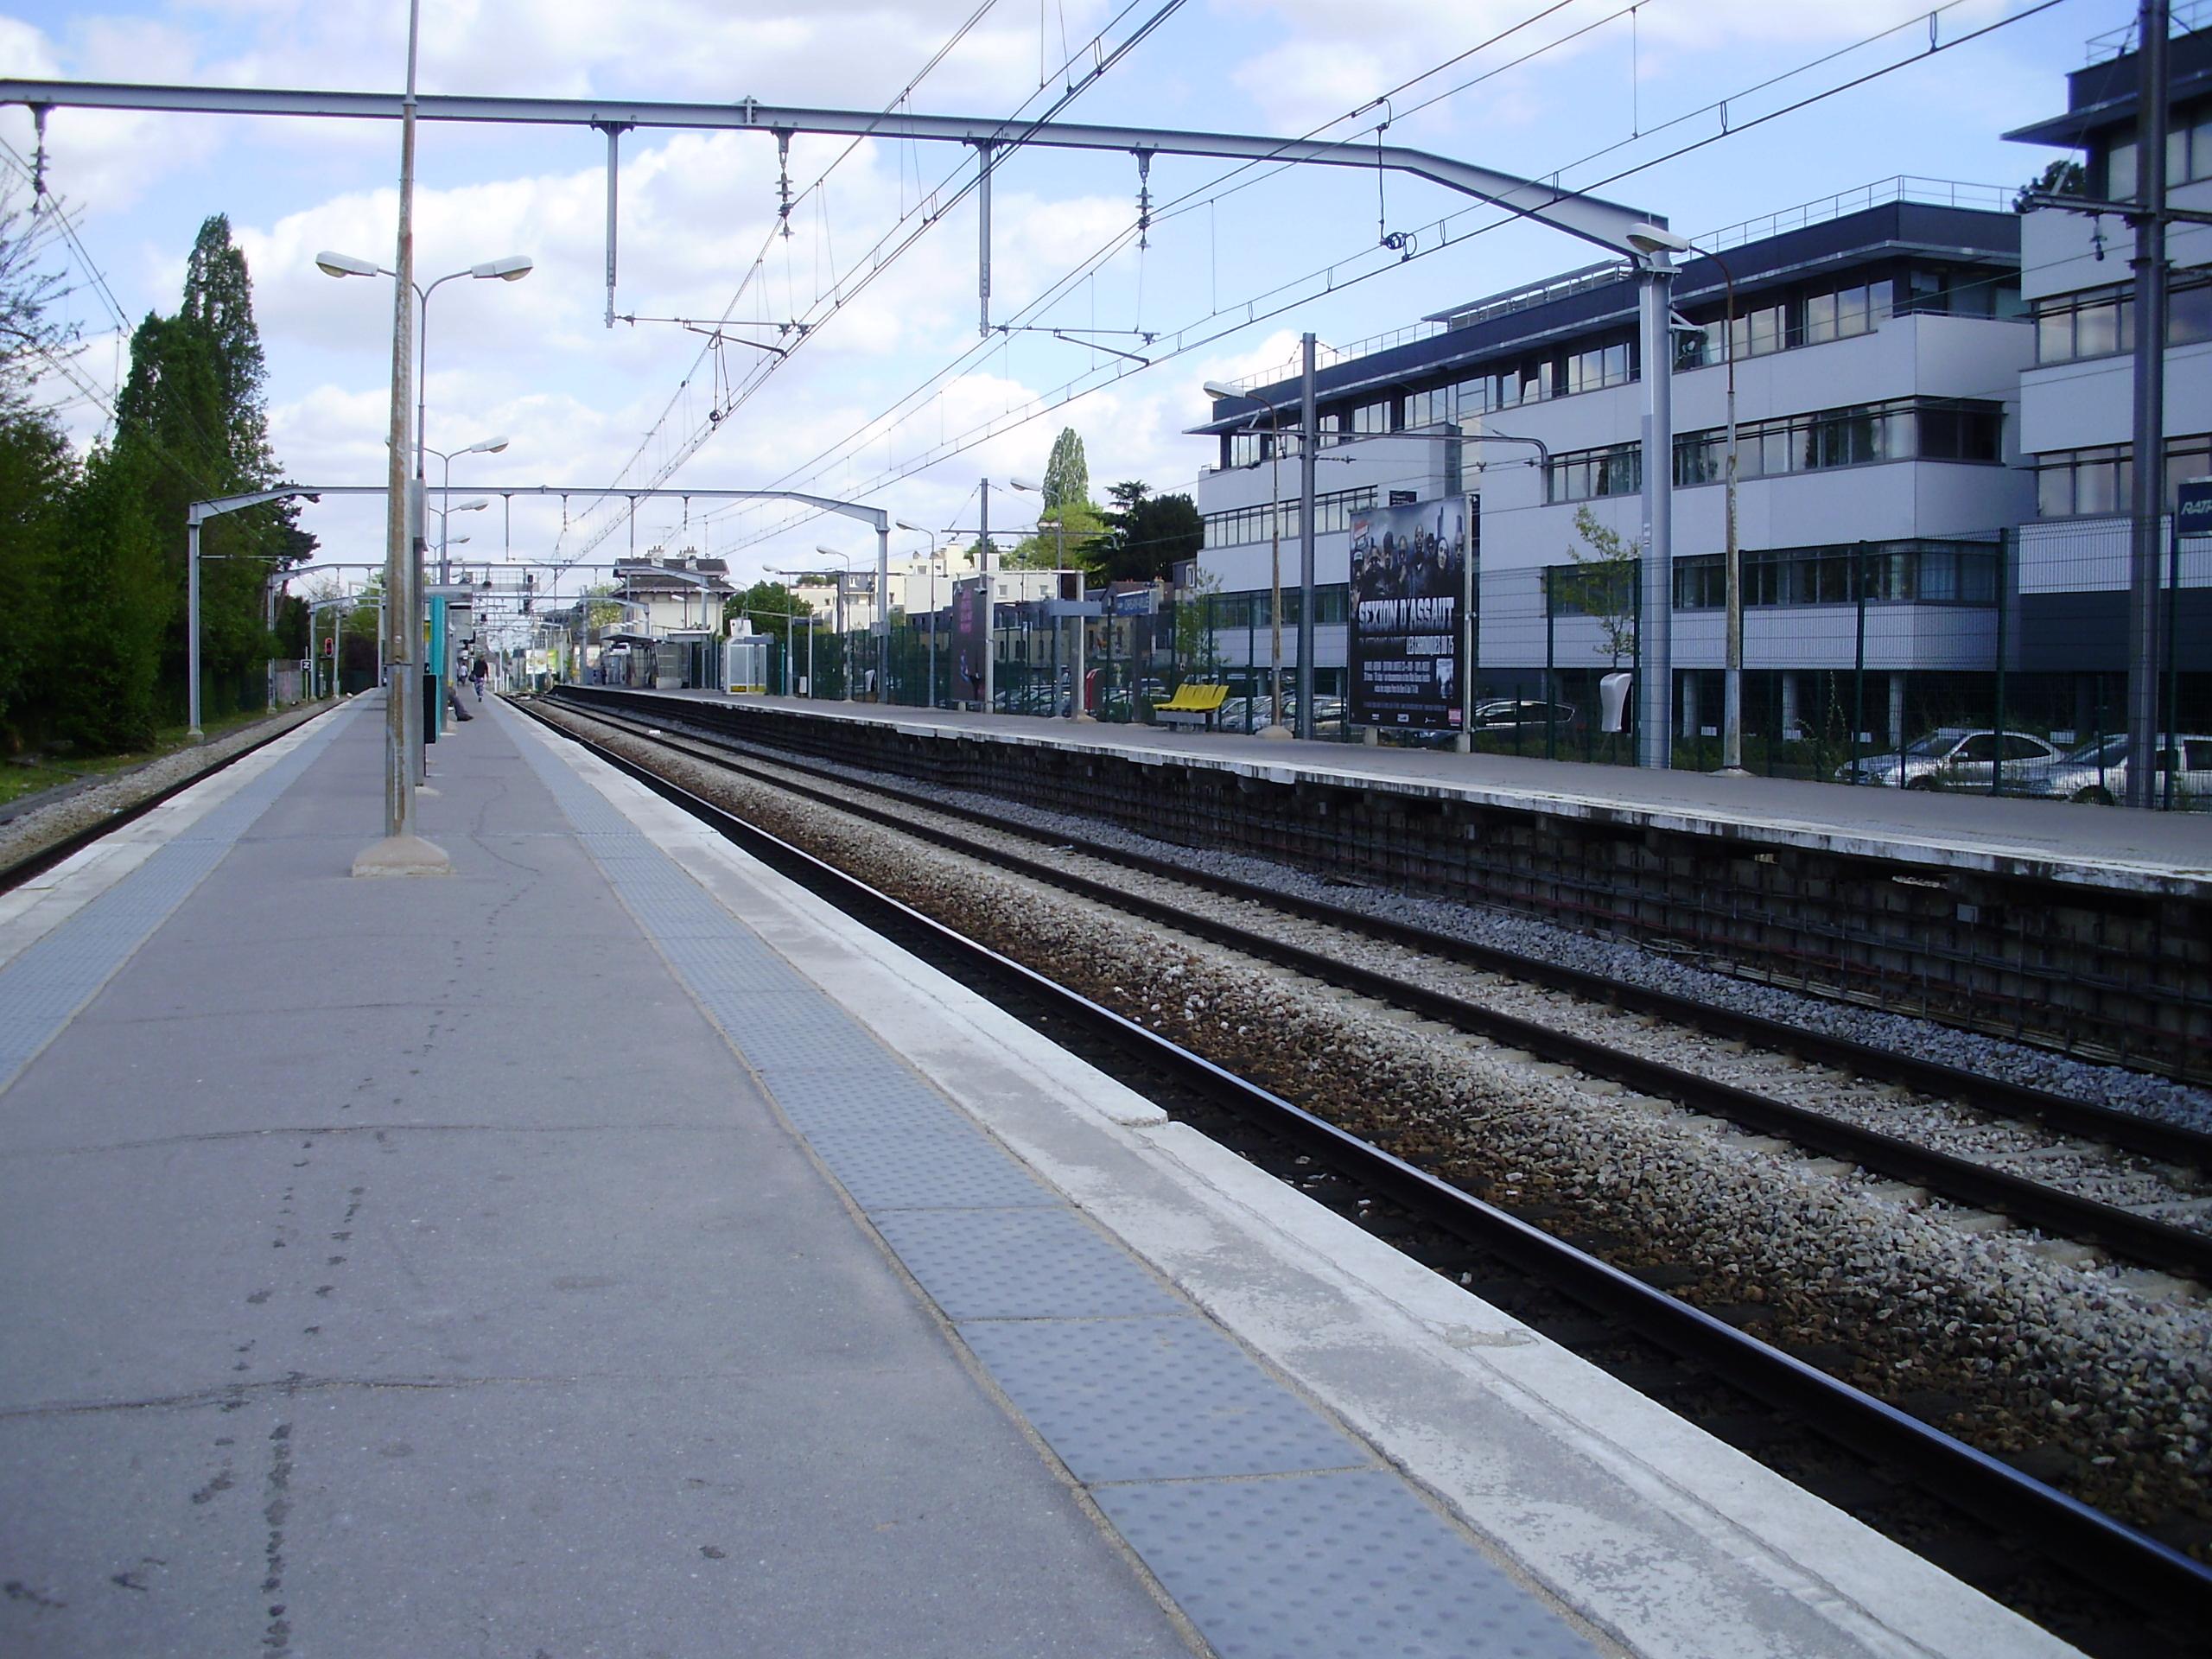 Gare d 39 orsay for Piscine orsay